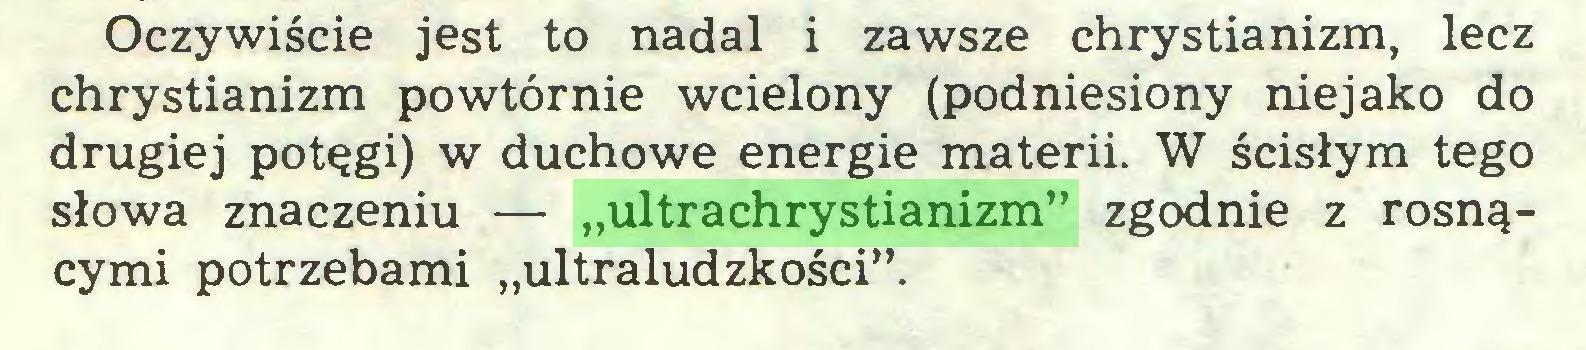 """(...) Oczywiście jest to nadal i zawsze chrystianizm, lecz chrystianizm powtórnie wcielony (podniesiony niejako do drugiej potęgi) w duchowe energie materii. W ścisłym tego słowa znaczeniu — """"ultrachrystianizm"""" zgodnie z rosnącymi potrzebami """"ultraludzkości""""..."""